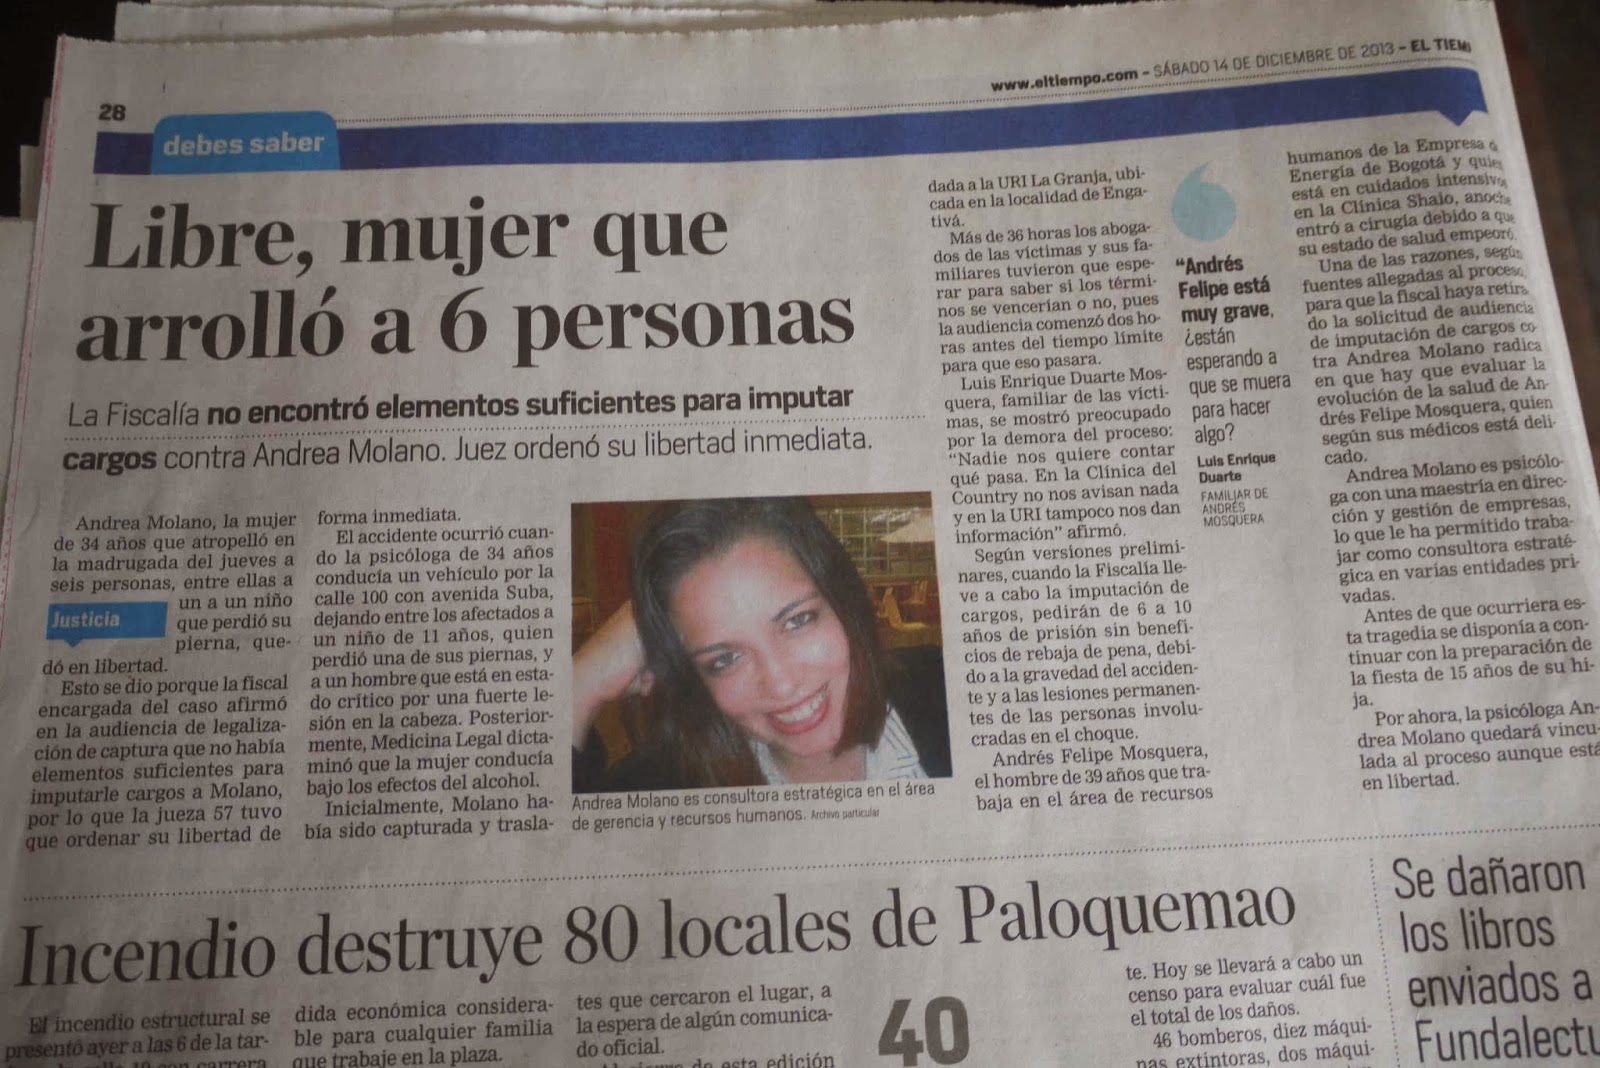 http://www.eltiempo.com/colombia/bogota/legalizan-captura-de-conductora-que-atropello-a-seis-personas_13286102-4